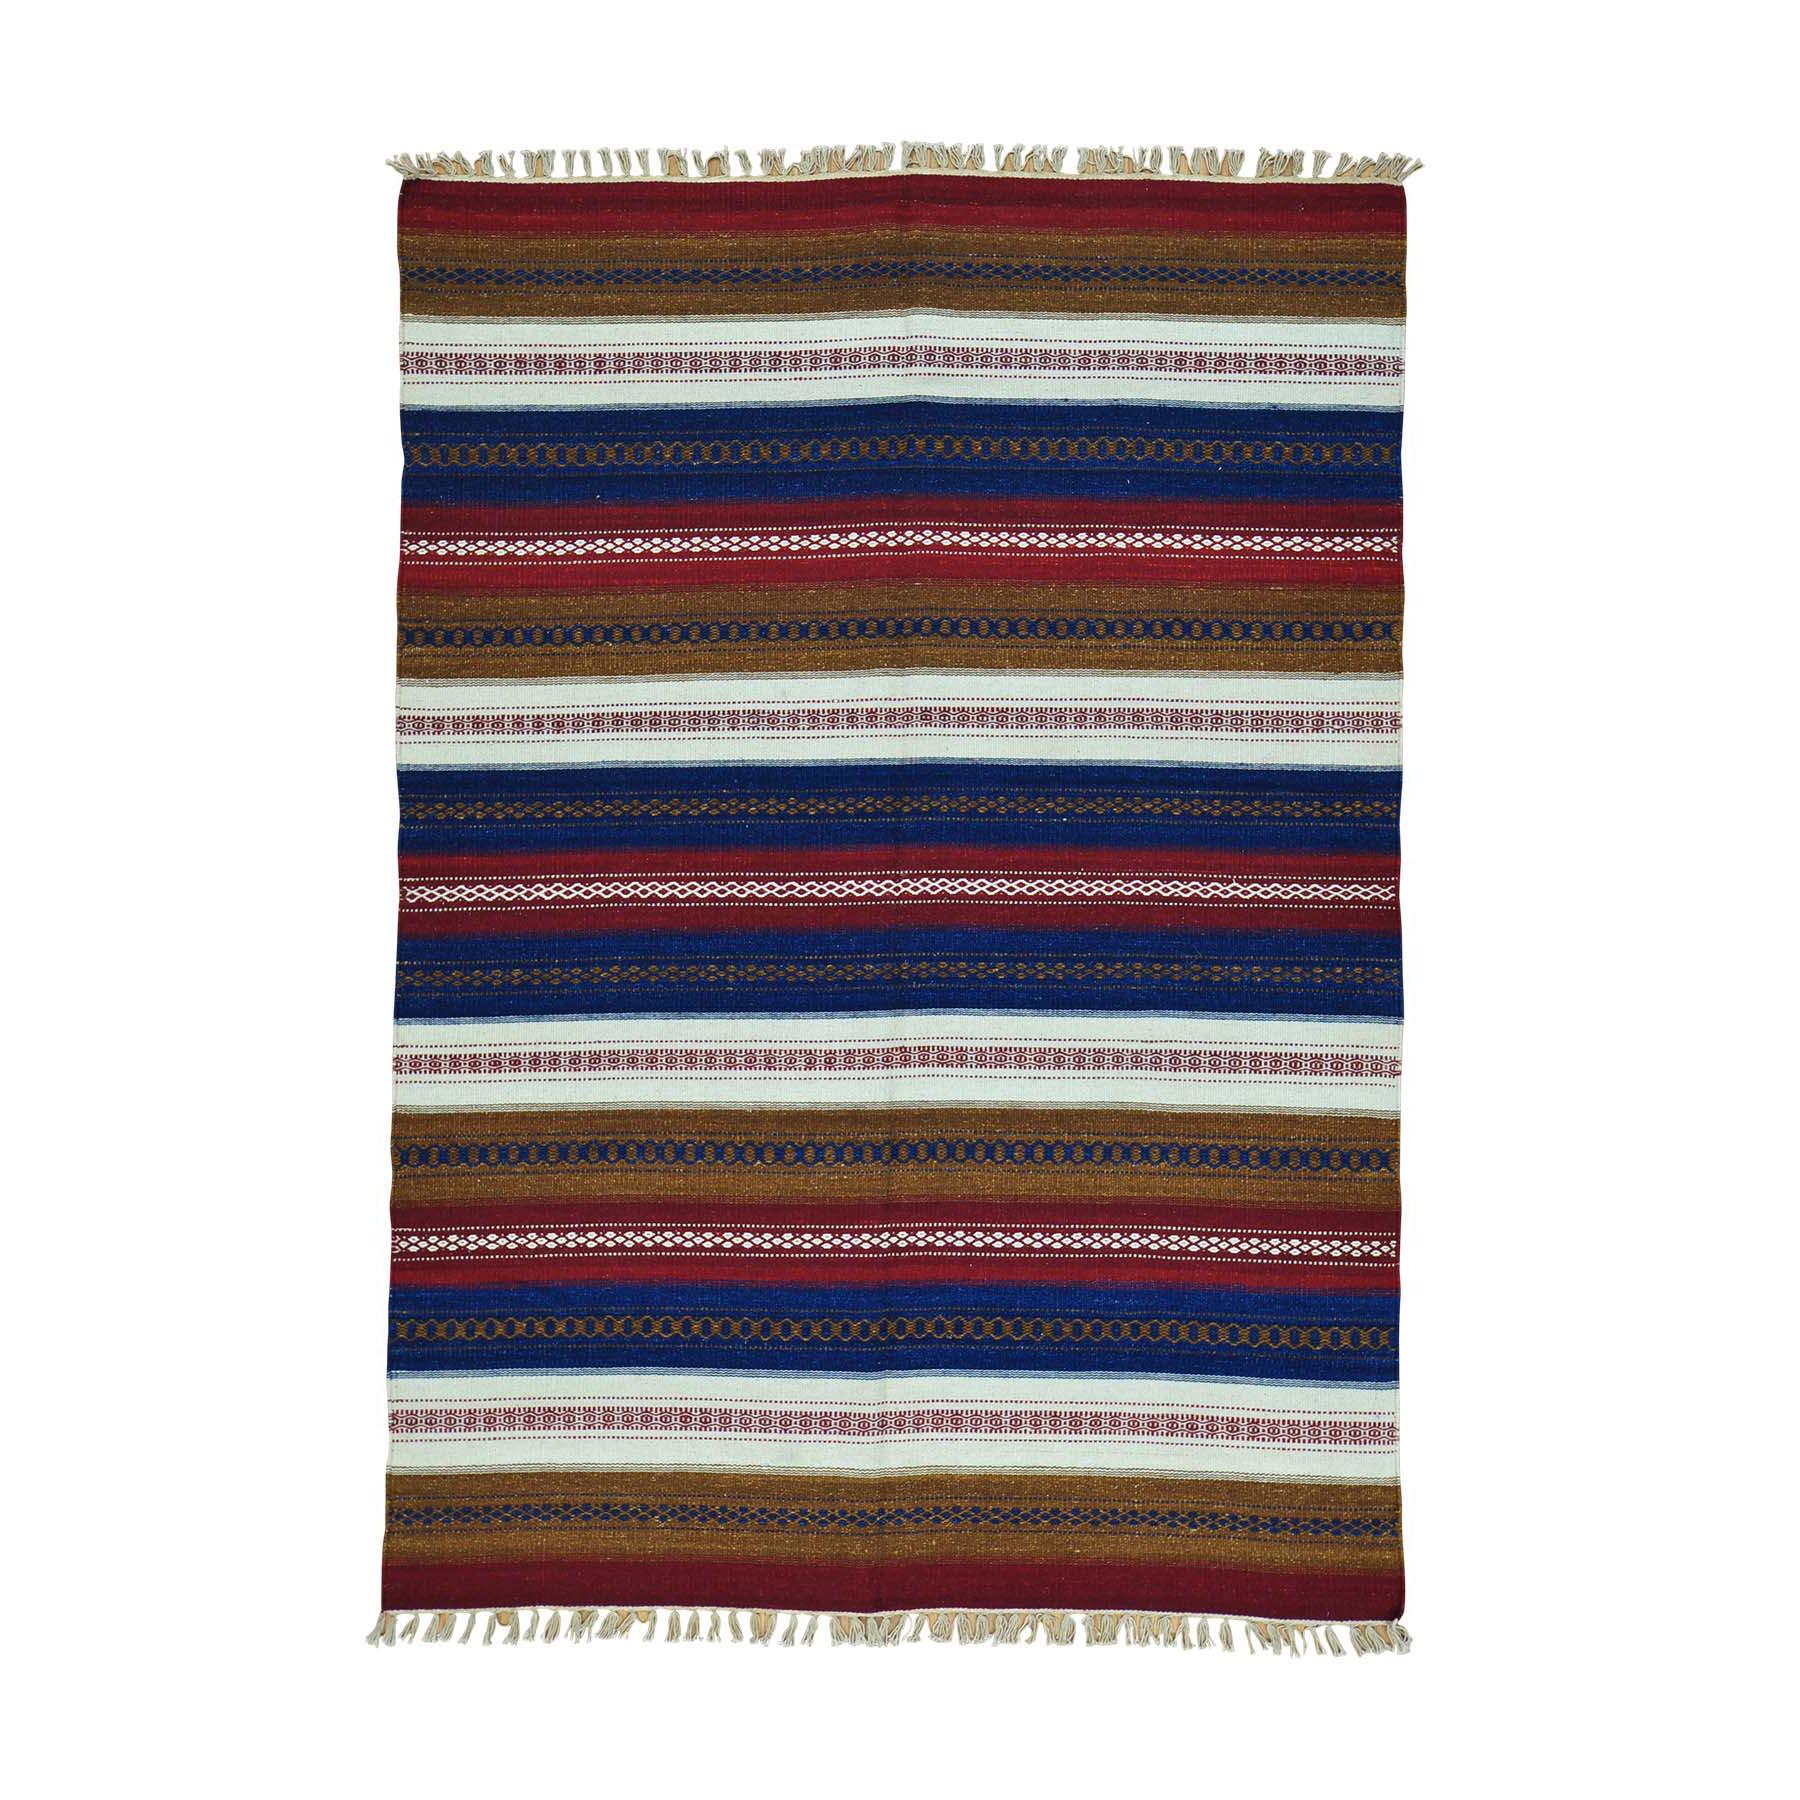 Fine Kilim Collection Hand Woven Multicolored Rug No: 0160160